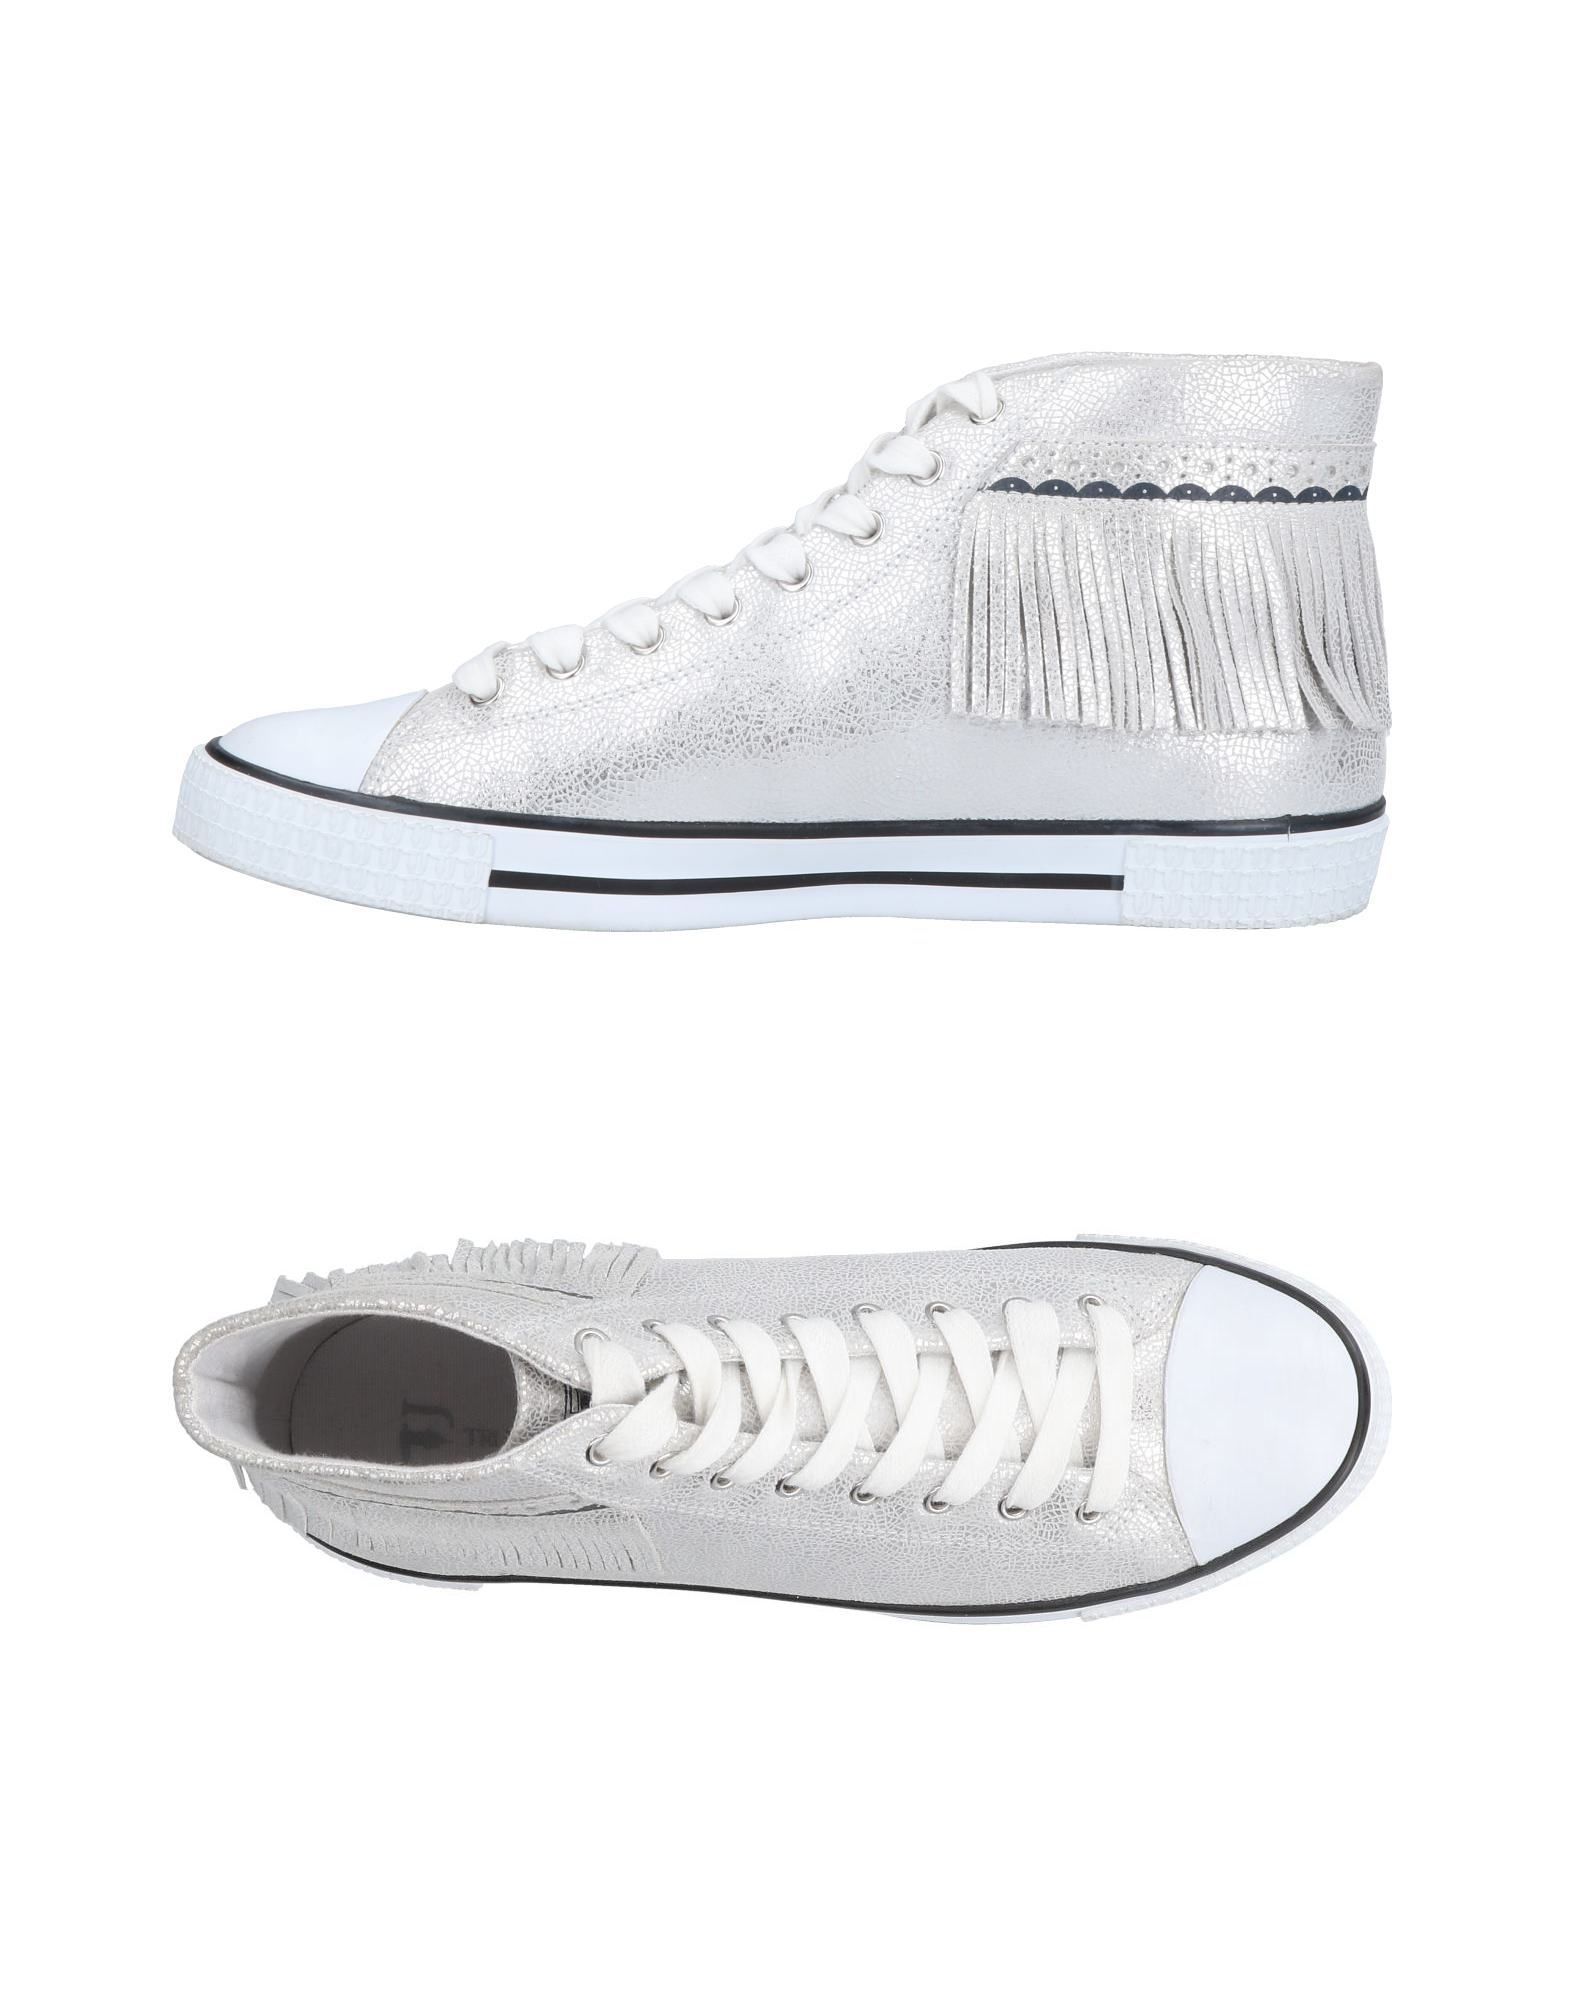 Trussardi on Jeans Sneakers - Women Trussardi Jeans Sneakers online on Trussardi  Canada - 11467856VK fe55b0